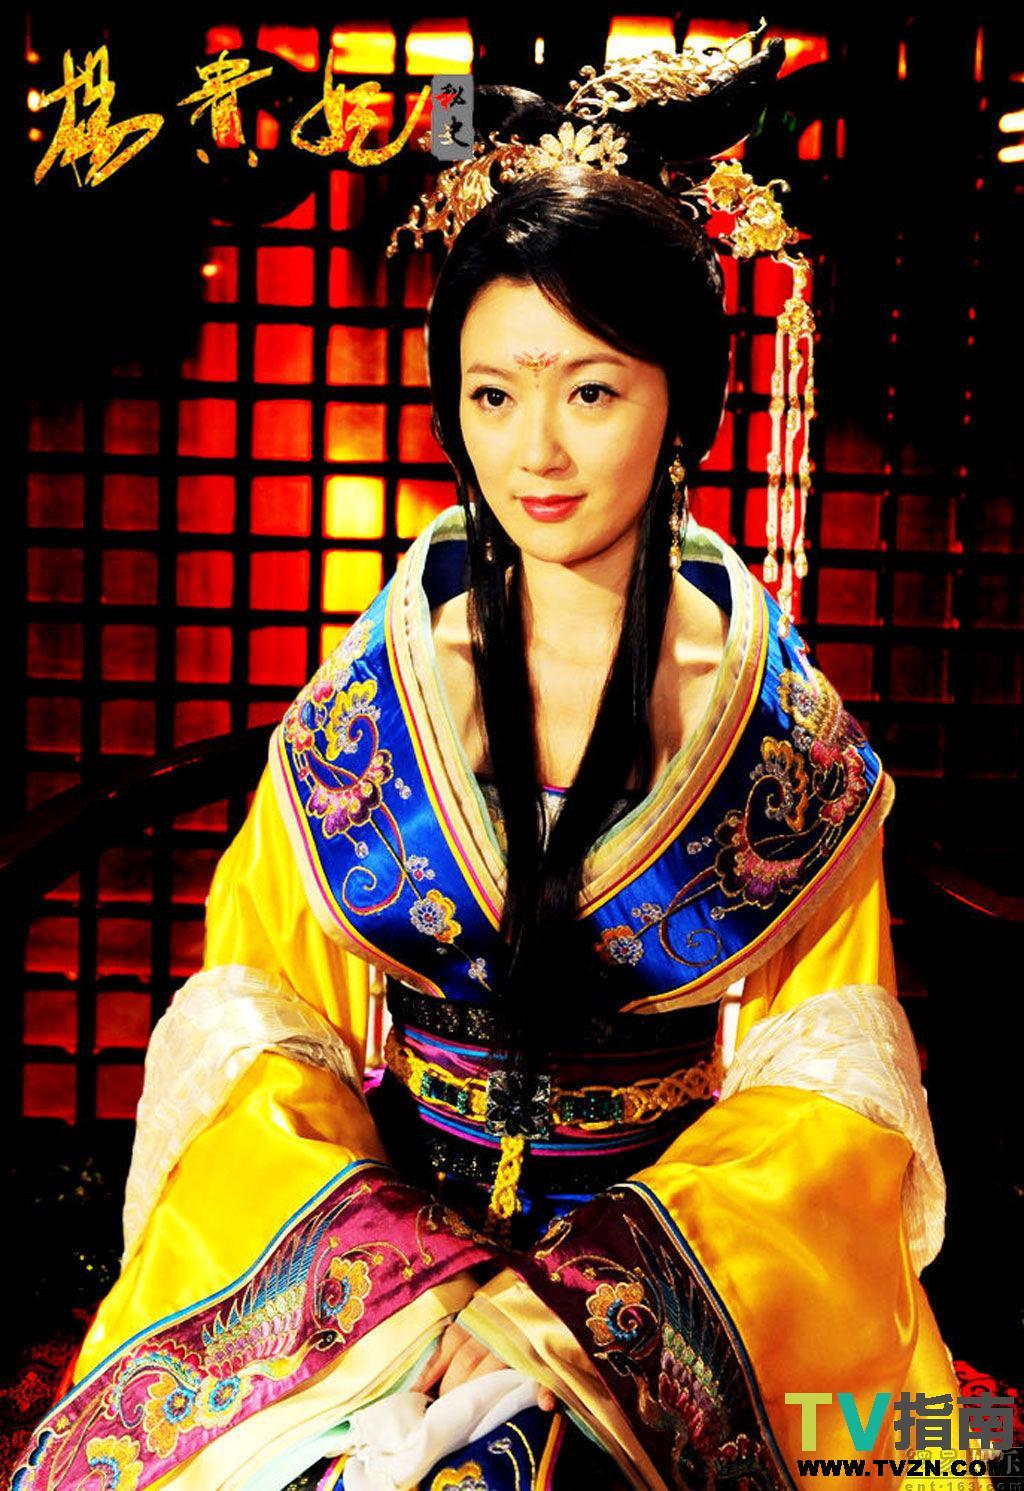 古典小说淫荡秘史_赵宝刚 李安 最喜欢的古典书籍:《庄子》《诗经》 最喜欢的小说